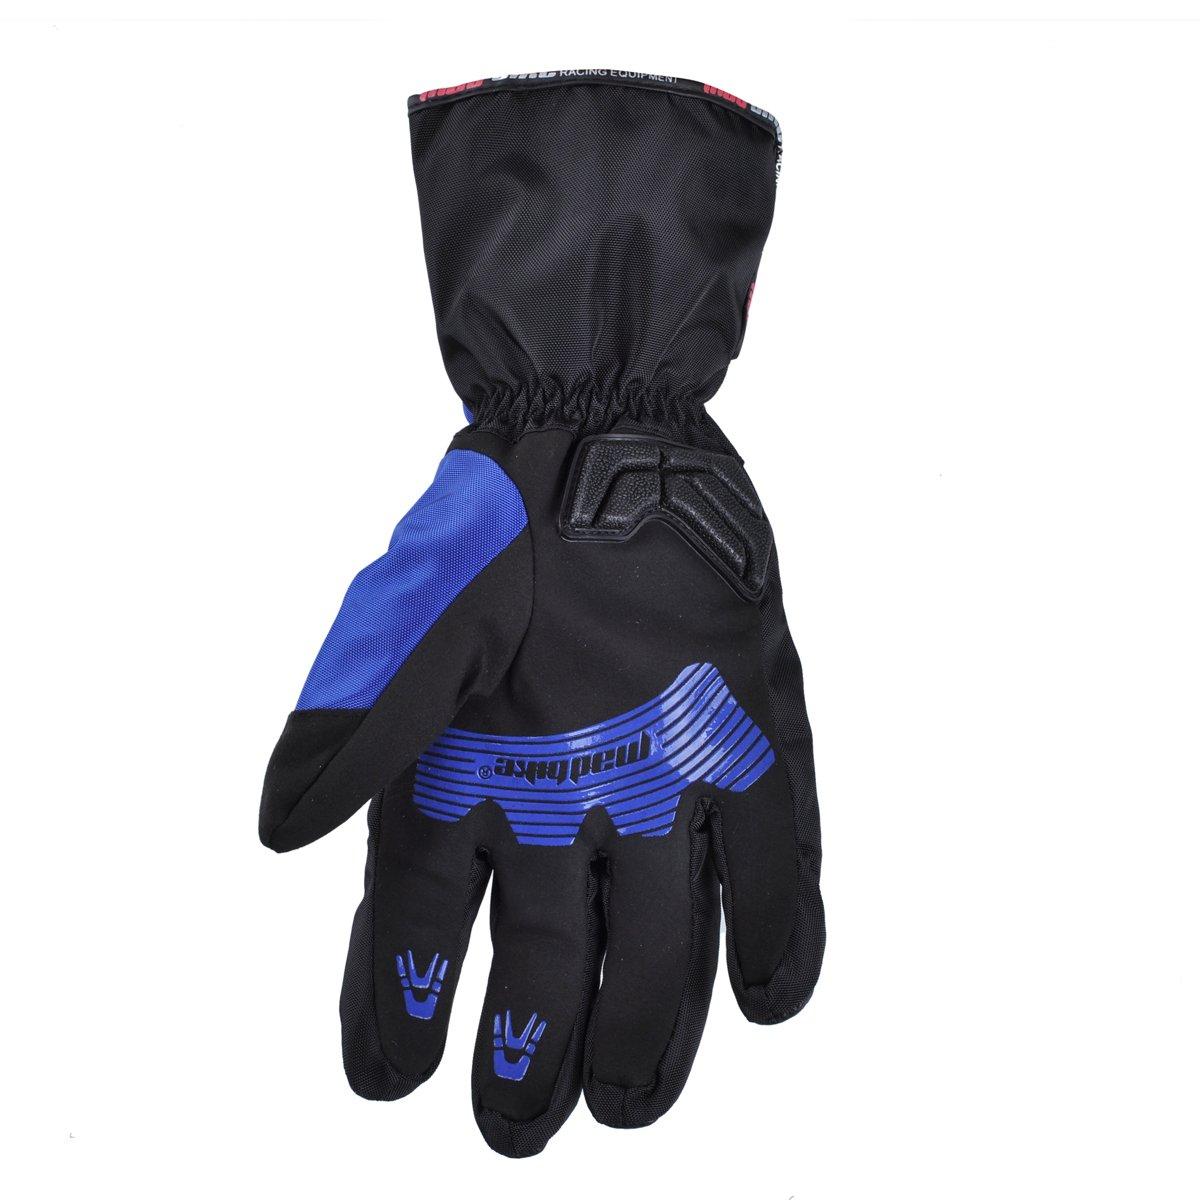 Madbike guanti da moto impermeabili con protezione in carbonio